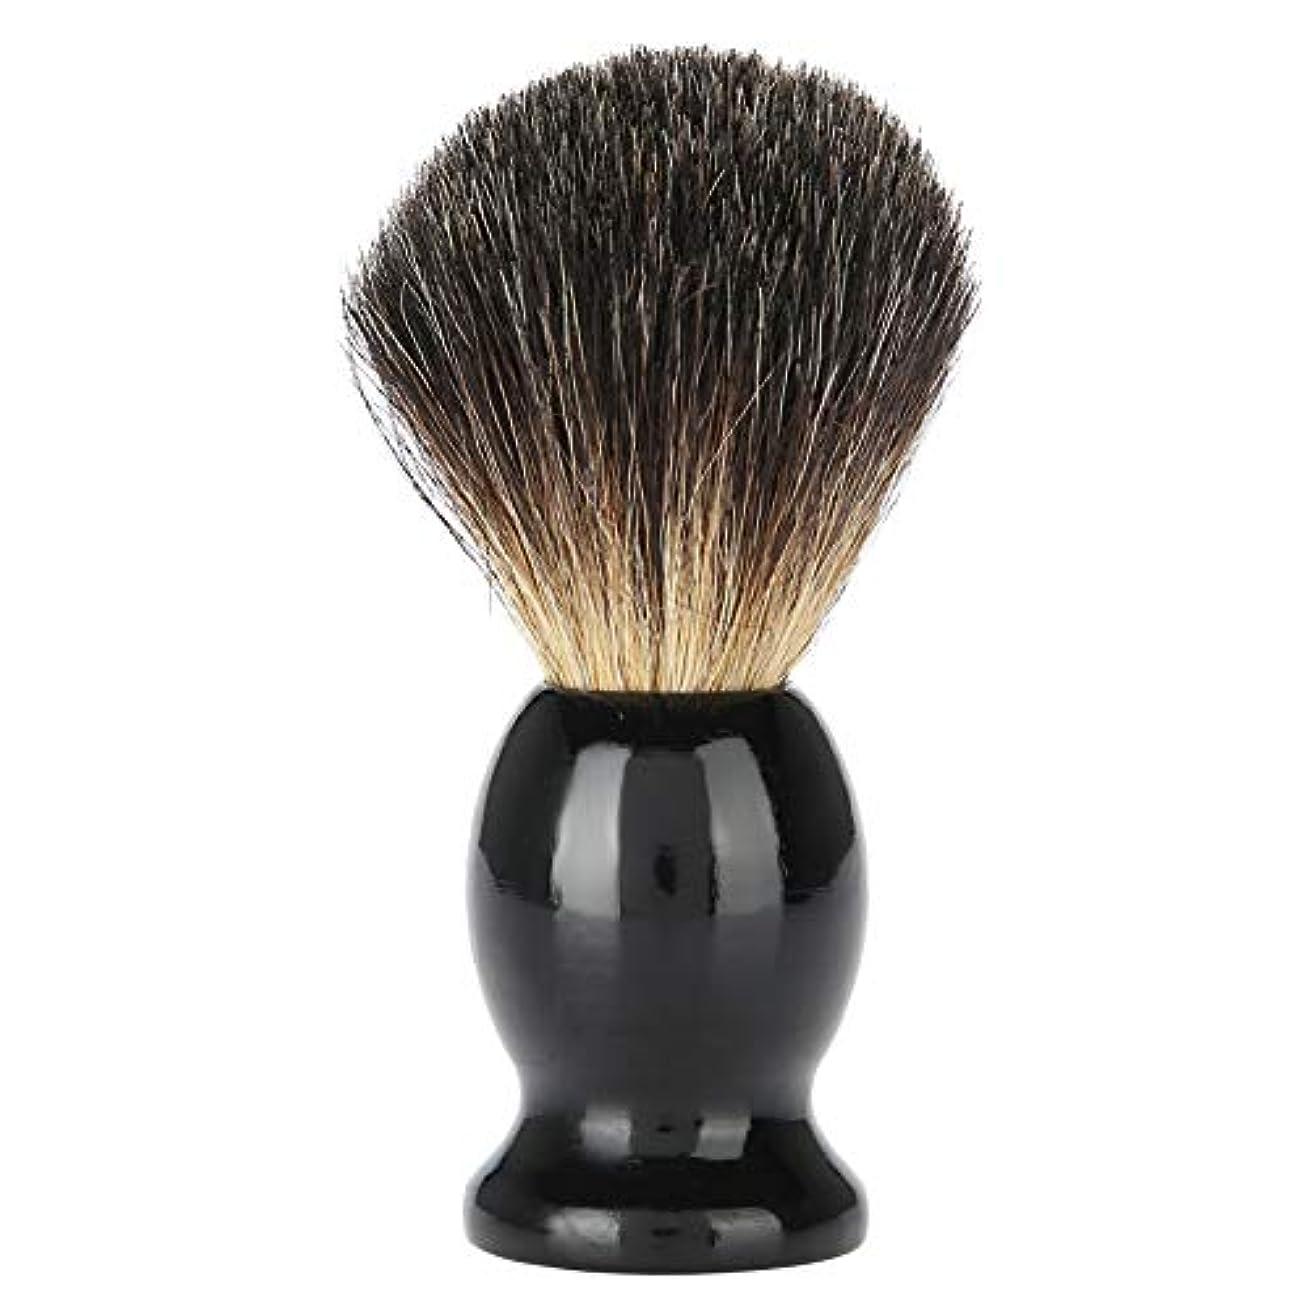 パドル中央値国Qinlorgo シェービングブラシ メンズ シェービングブラシ 木製あごひげクリーニングブラシ 髭ブラシ 男性用シェービング用